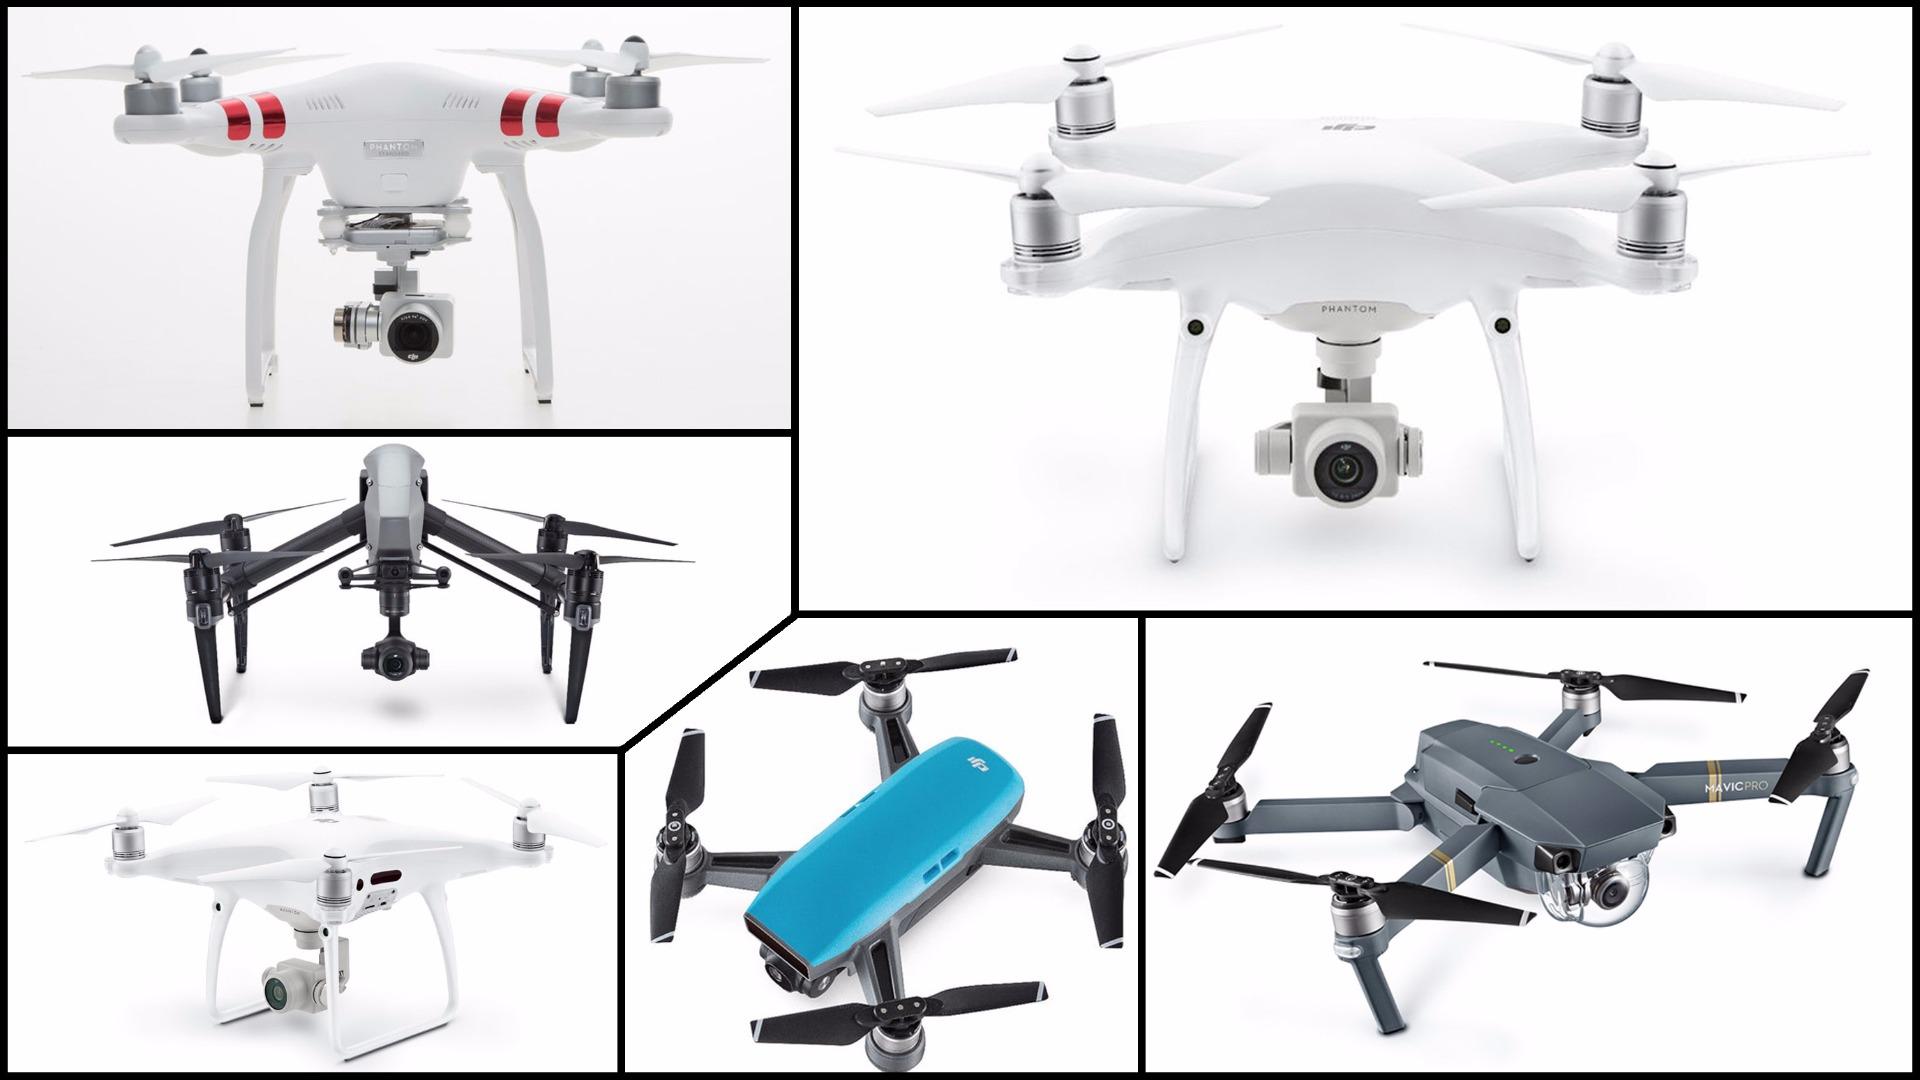 DJI drone buying guide: Spark vs. Mavic vs. Phantom